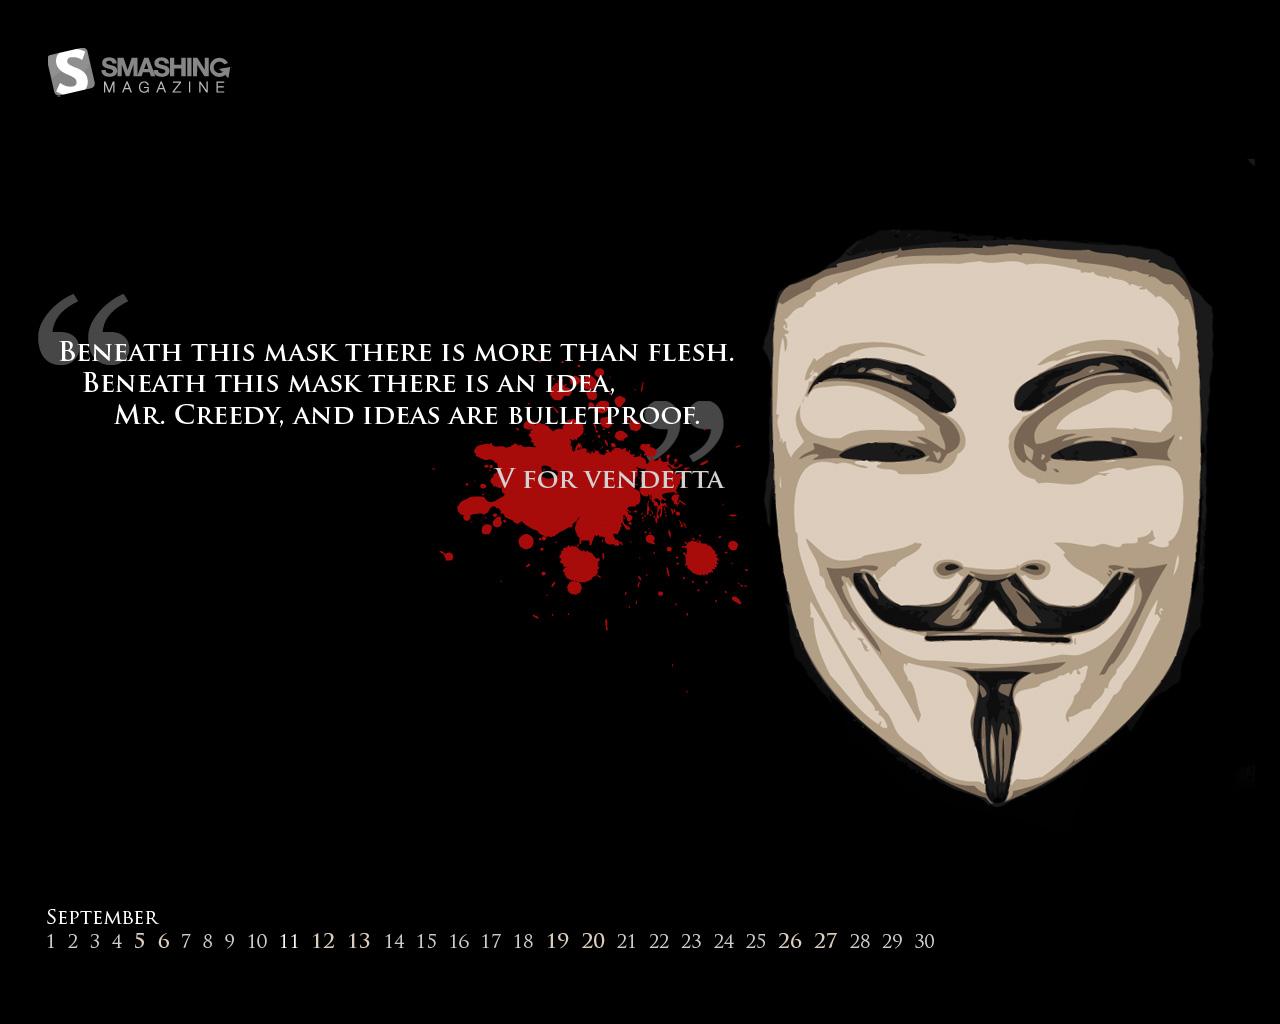 12peteem: V for Vendetta